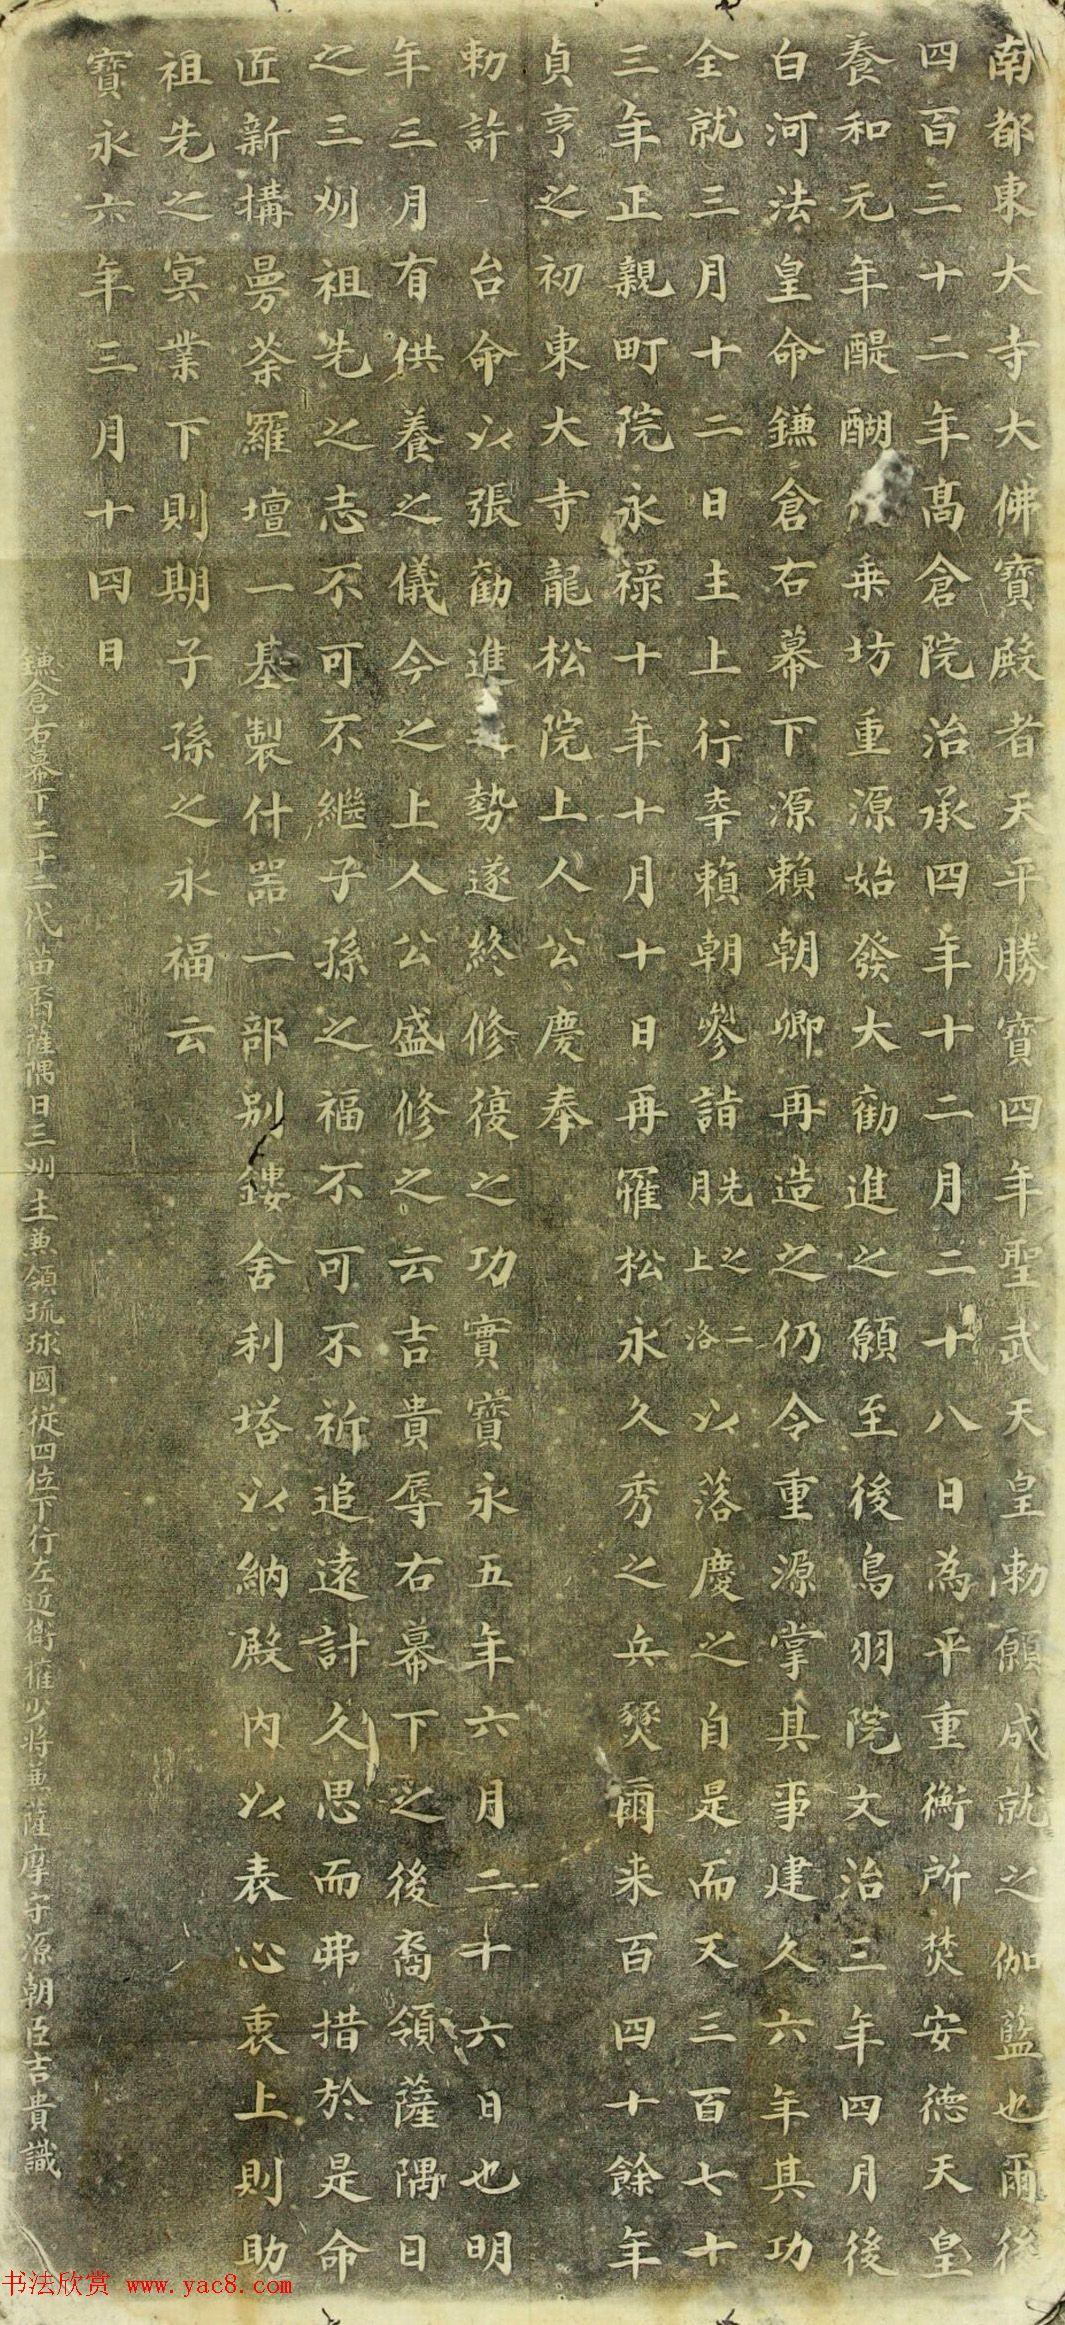 日本岛津吉贵楷书《东大寺大佛宝殿碑》